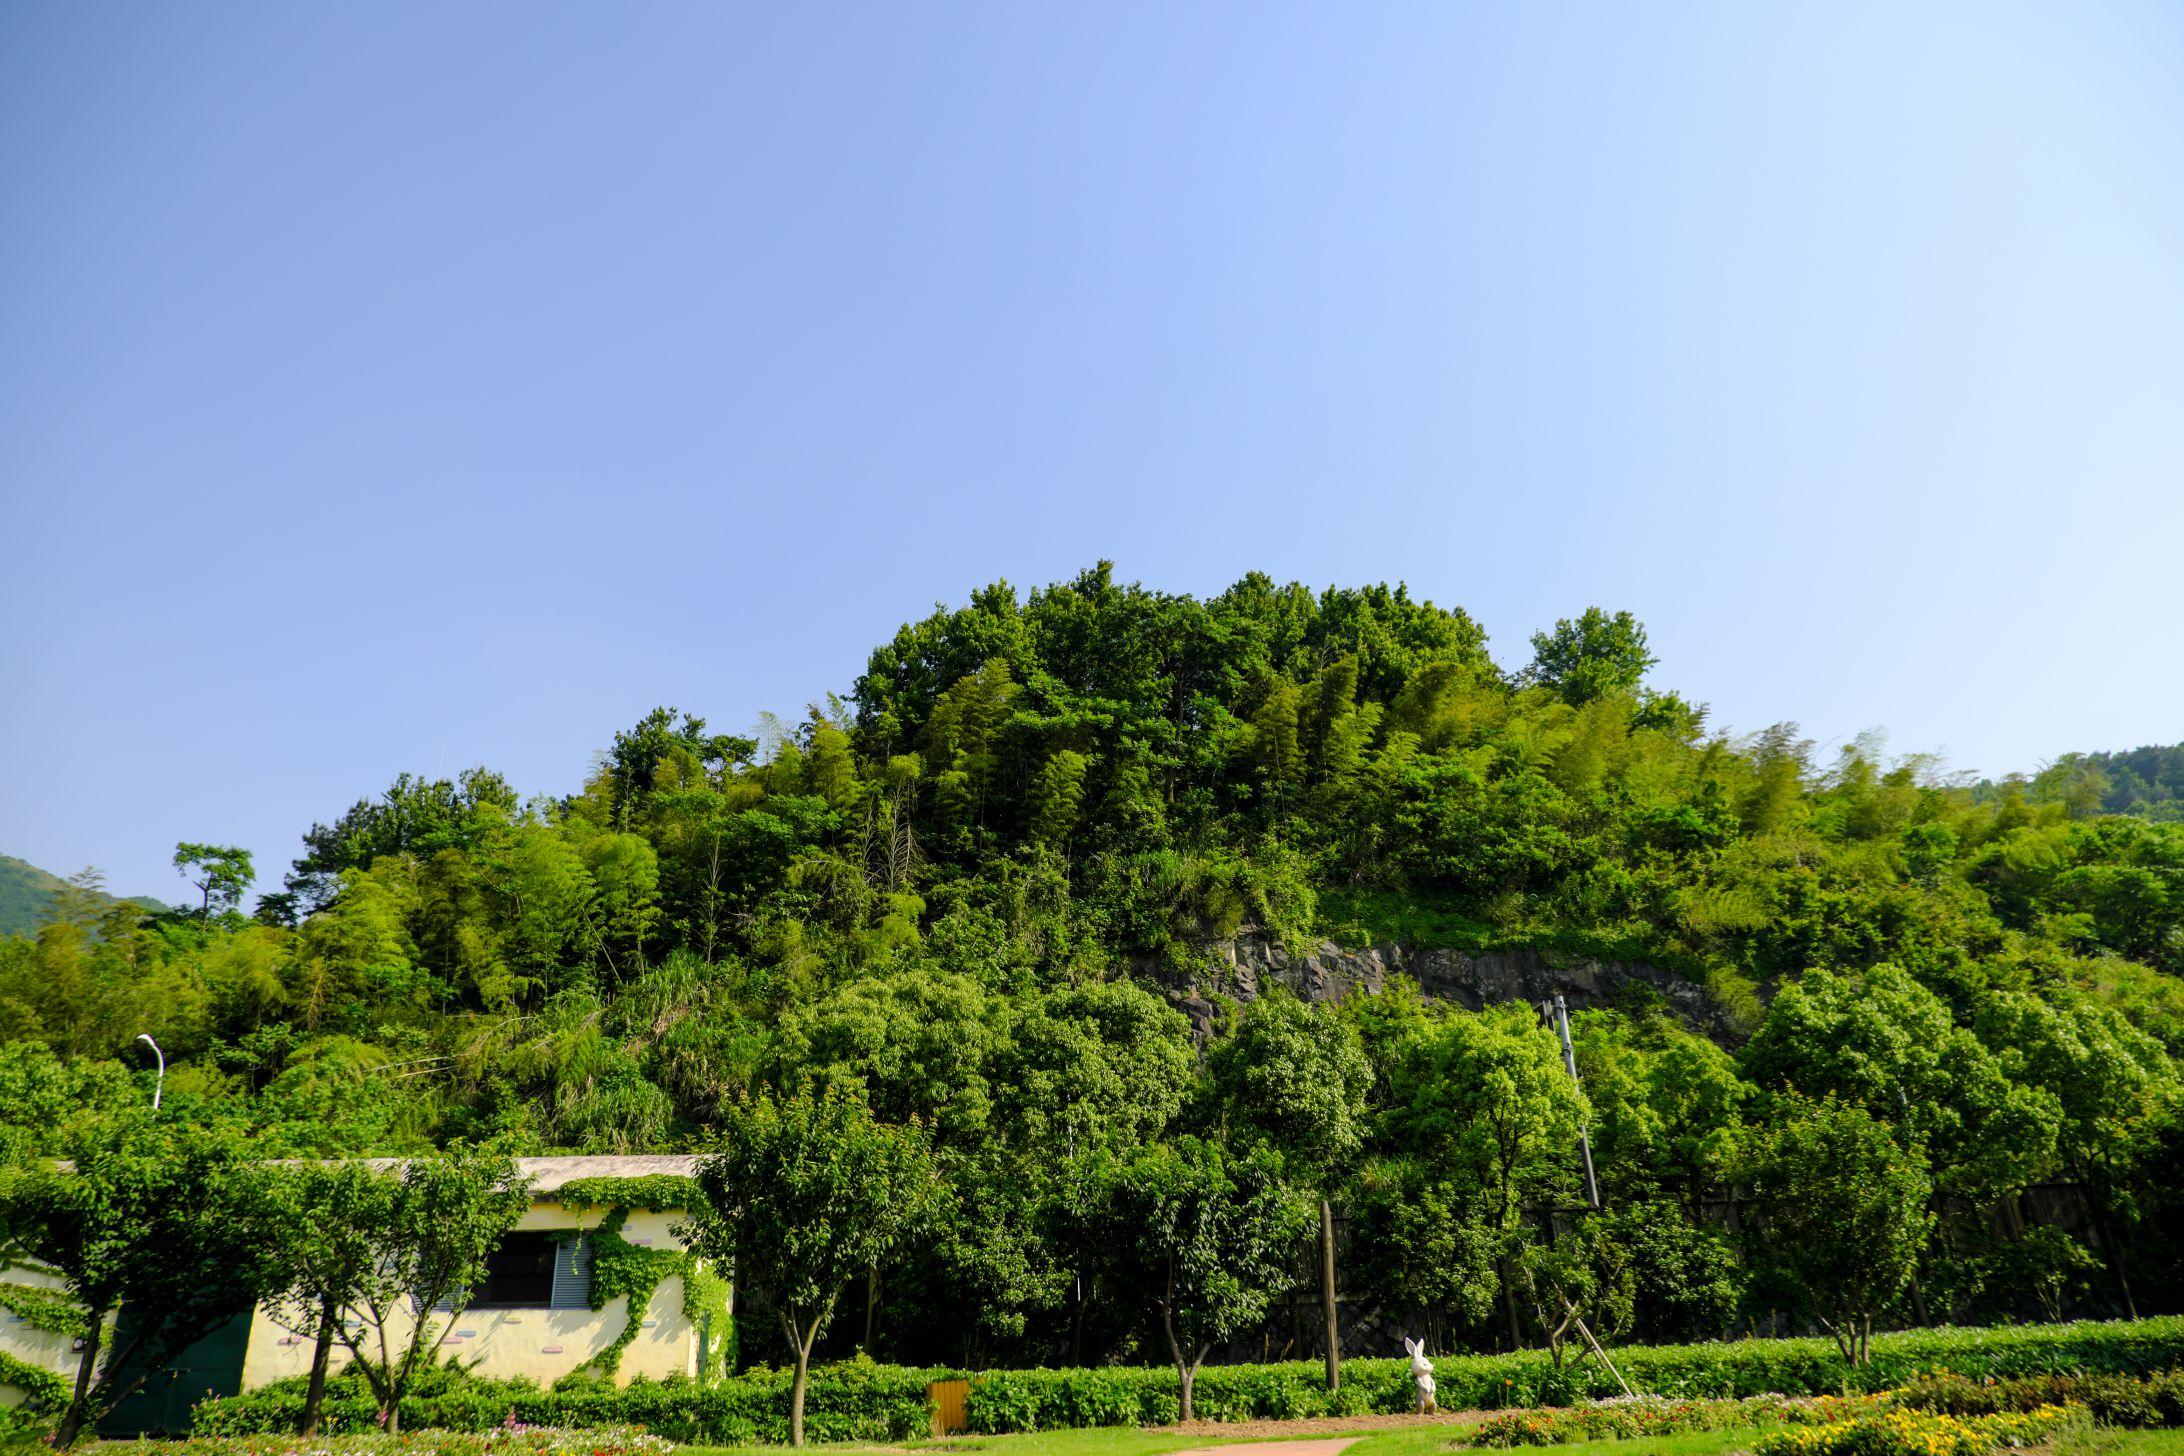 竹林蓝天高清照片下载